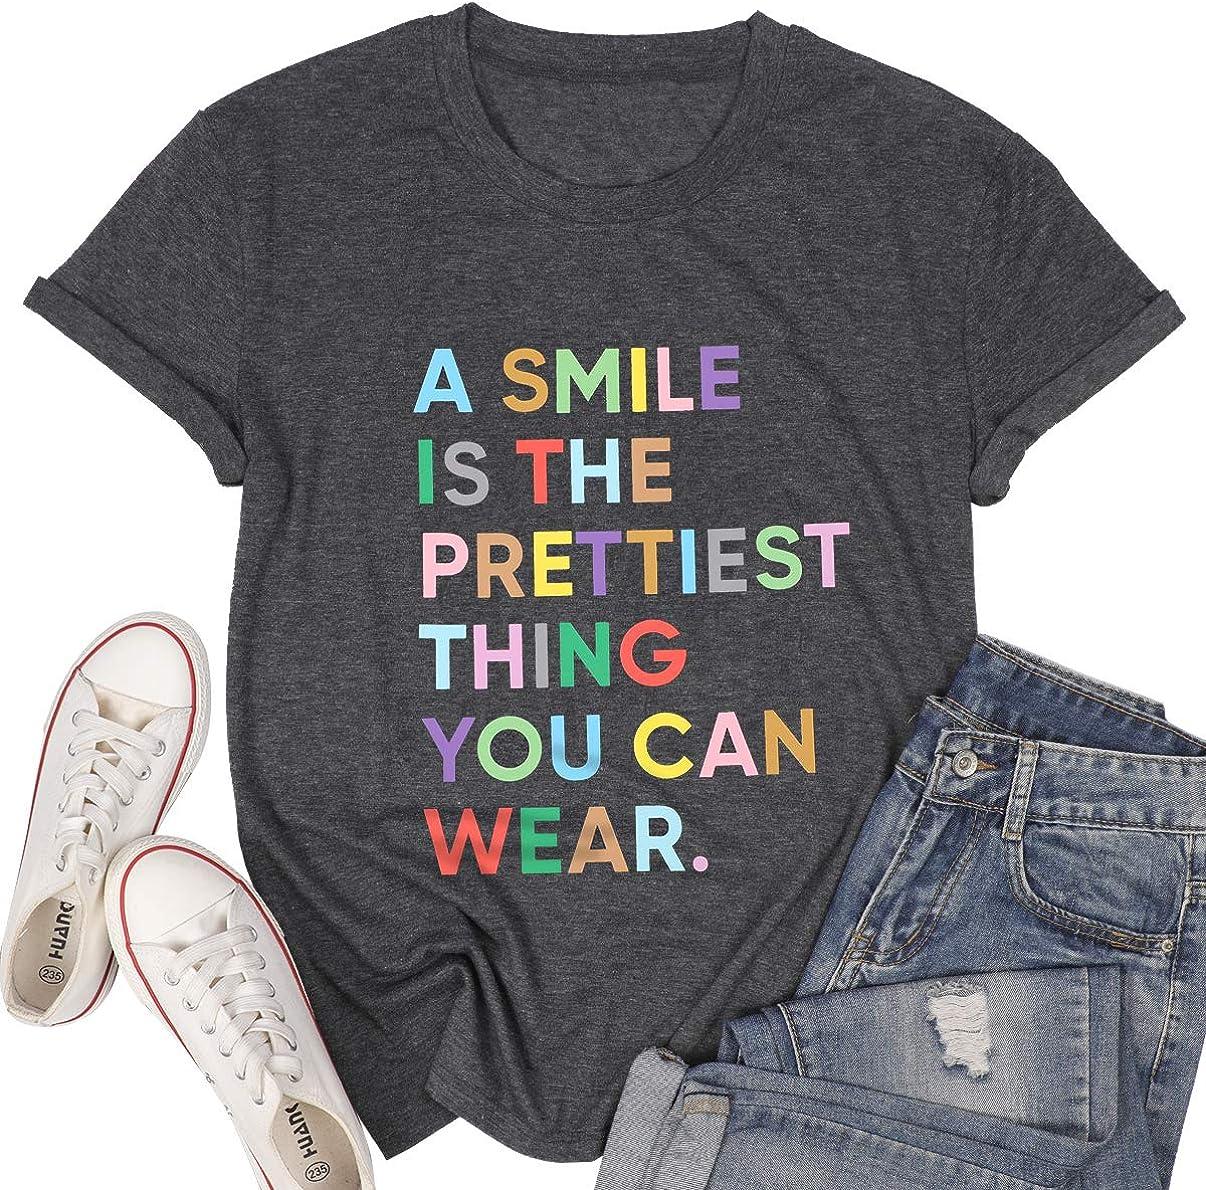 MOUSYA Women Smile Shirt Fun Letter Print T-Shirt Casual Inspirational T Shirt Top Cute Graphic Tee